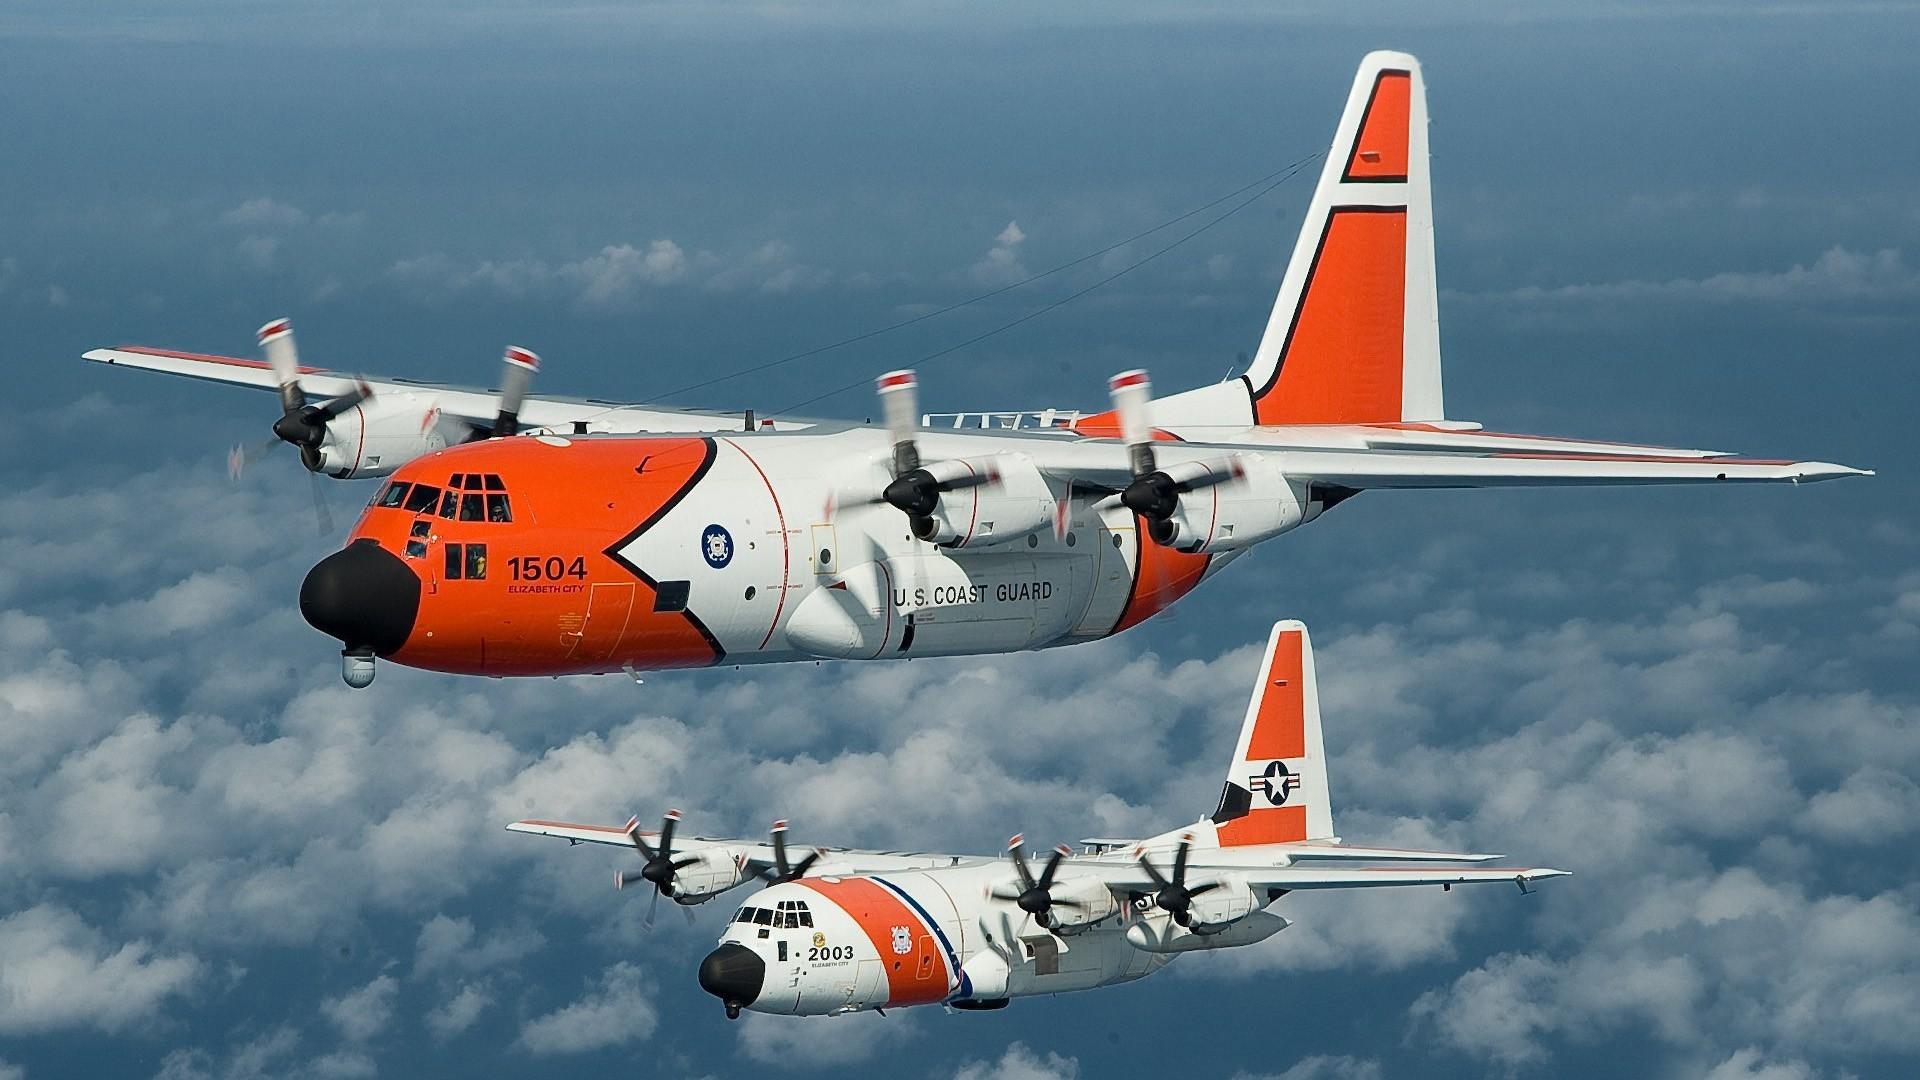 C-130 Hercules Lockheed C-130 Hercules US Coast Guard aircraft